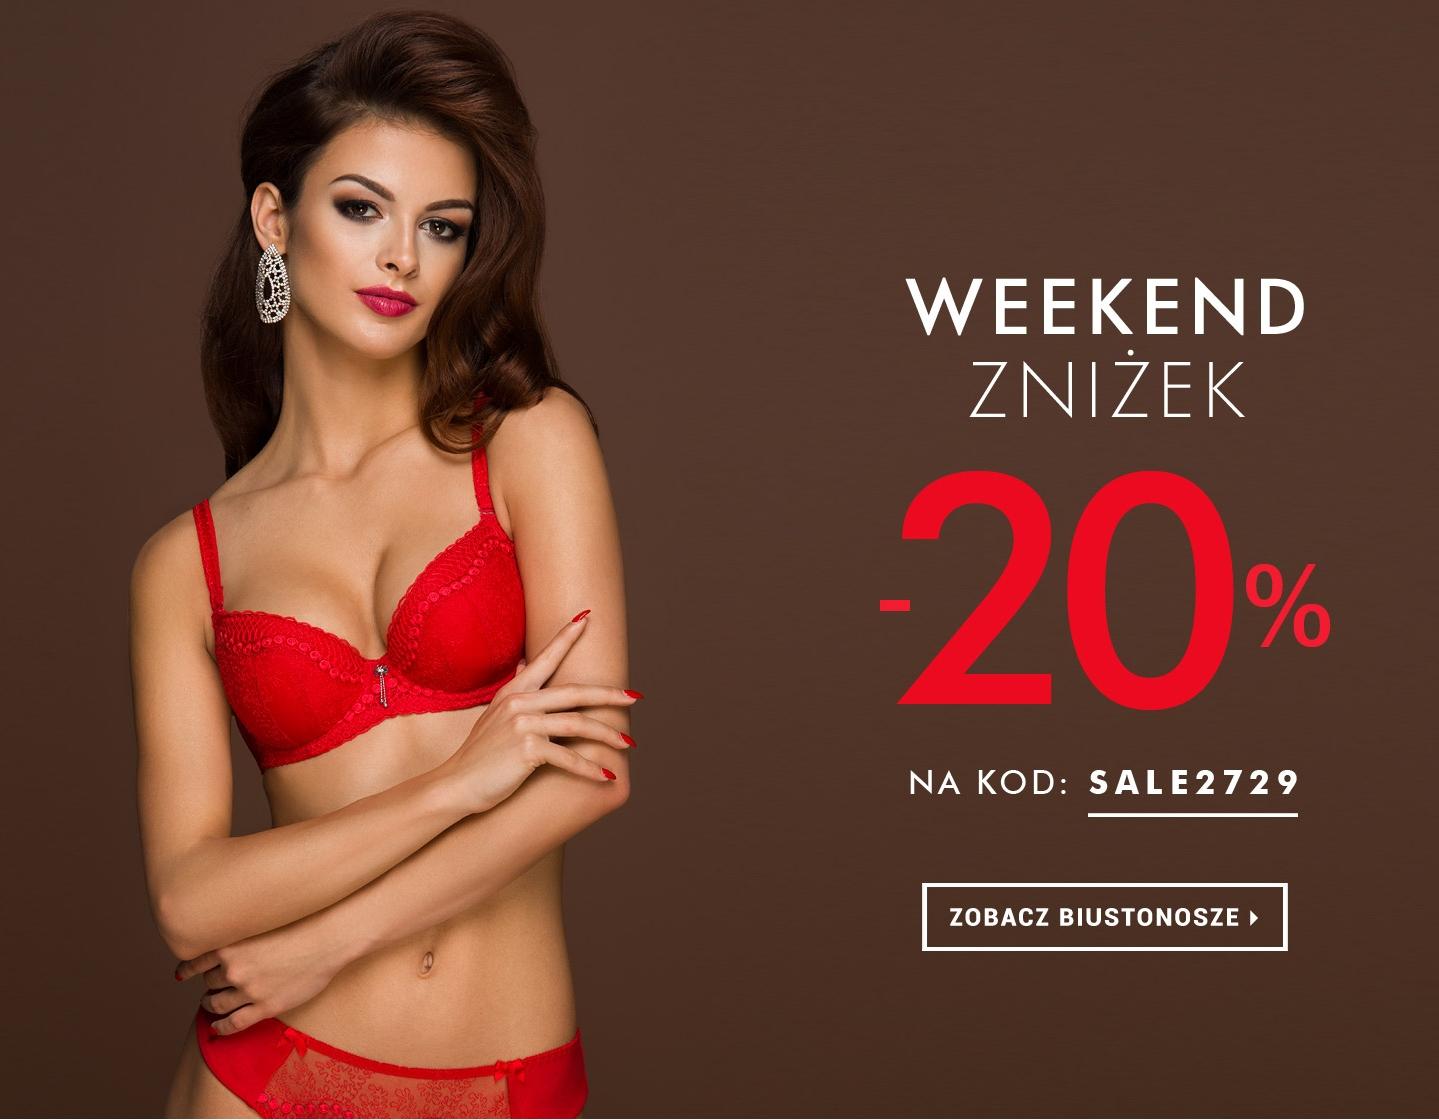 Prezent na Walentynki - Weekend Zniżek -20% w sklepie Intymna.pl